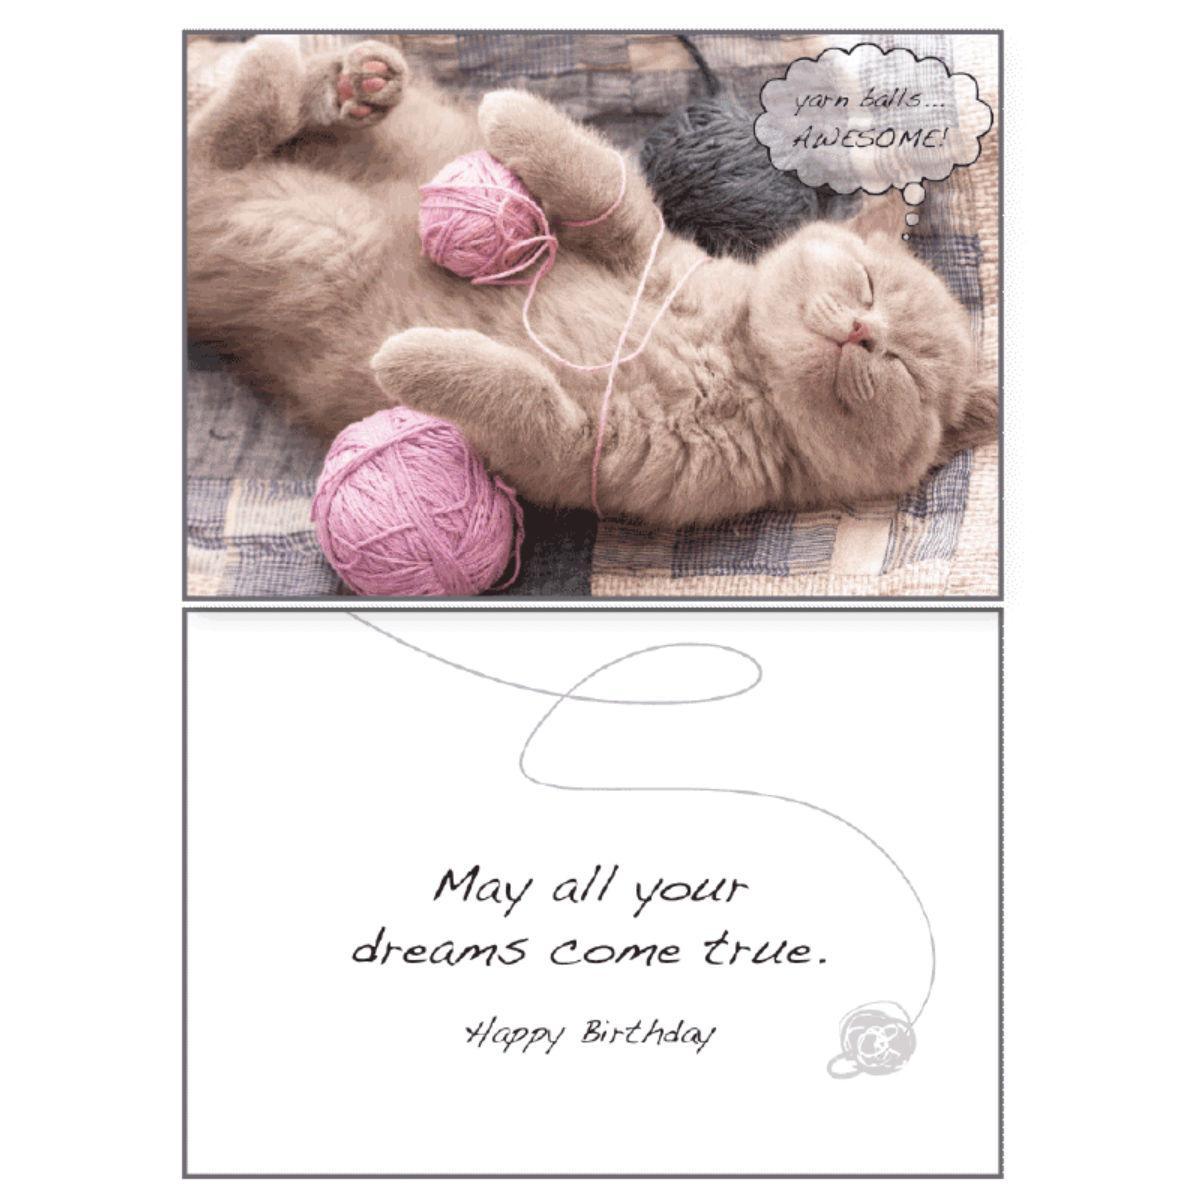 Birthday Greeting Card by Dog Speak - Yarn Balls...Awesome!